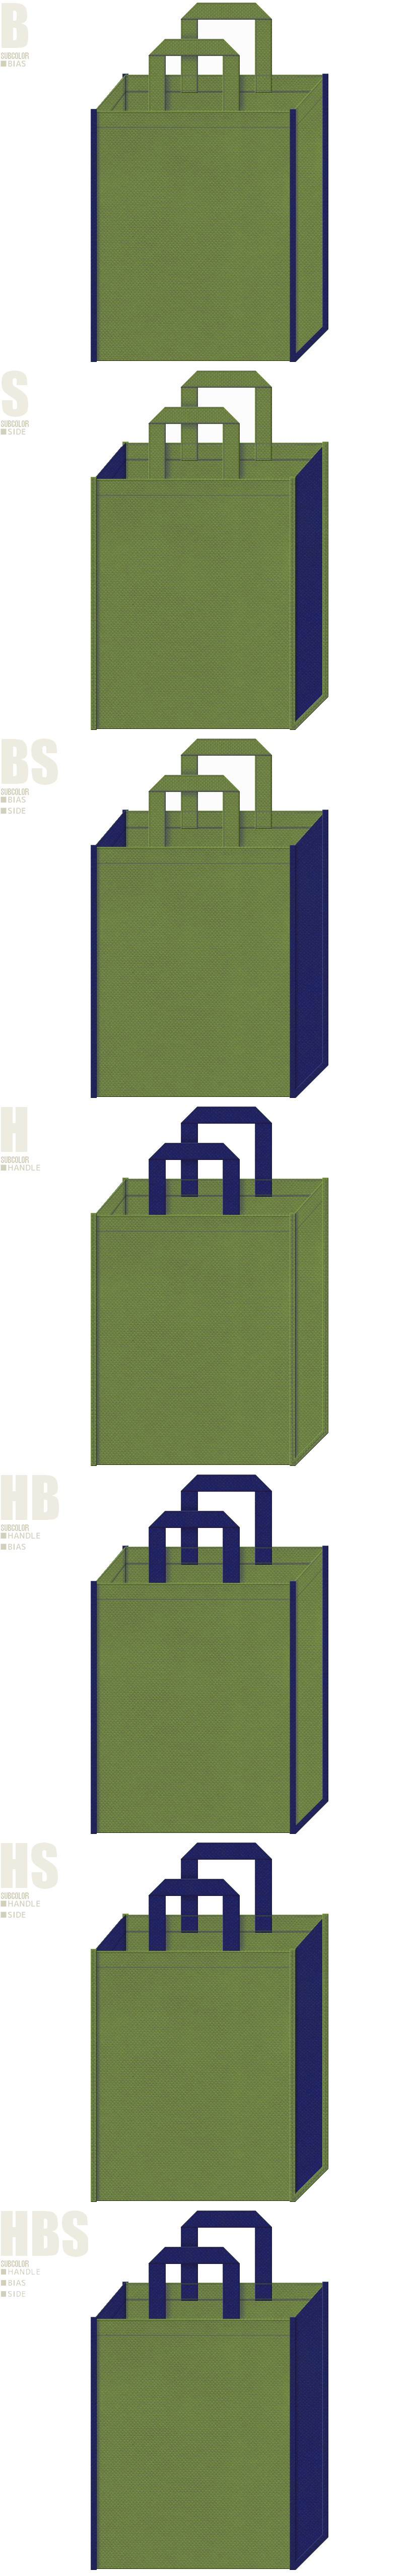 草色と明るめの紺色、7パターンの不織布トートバッグ配色デザイン例。